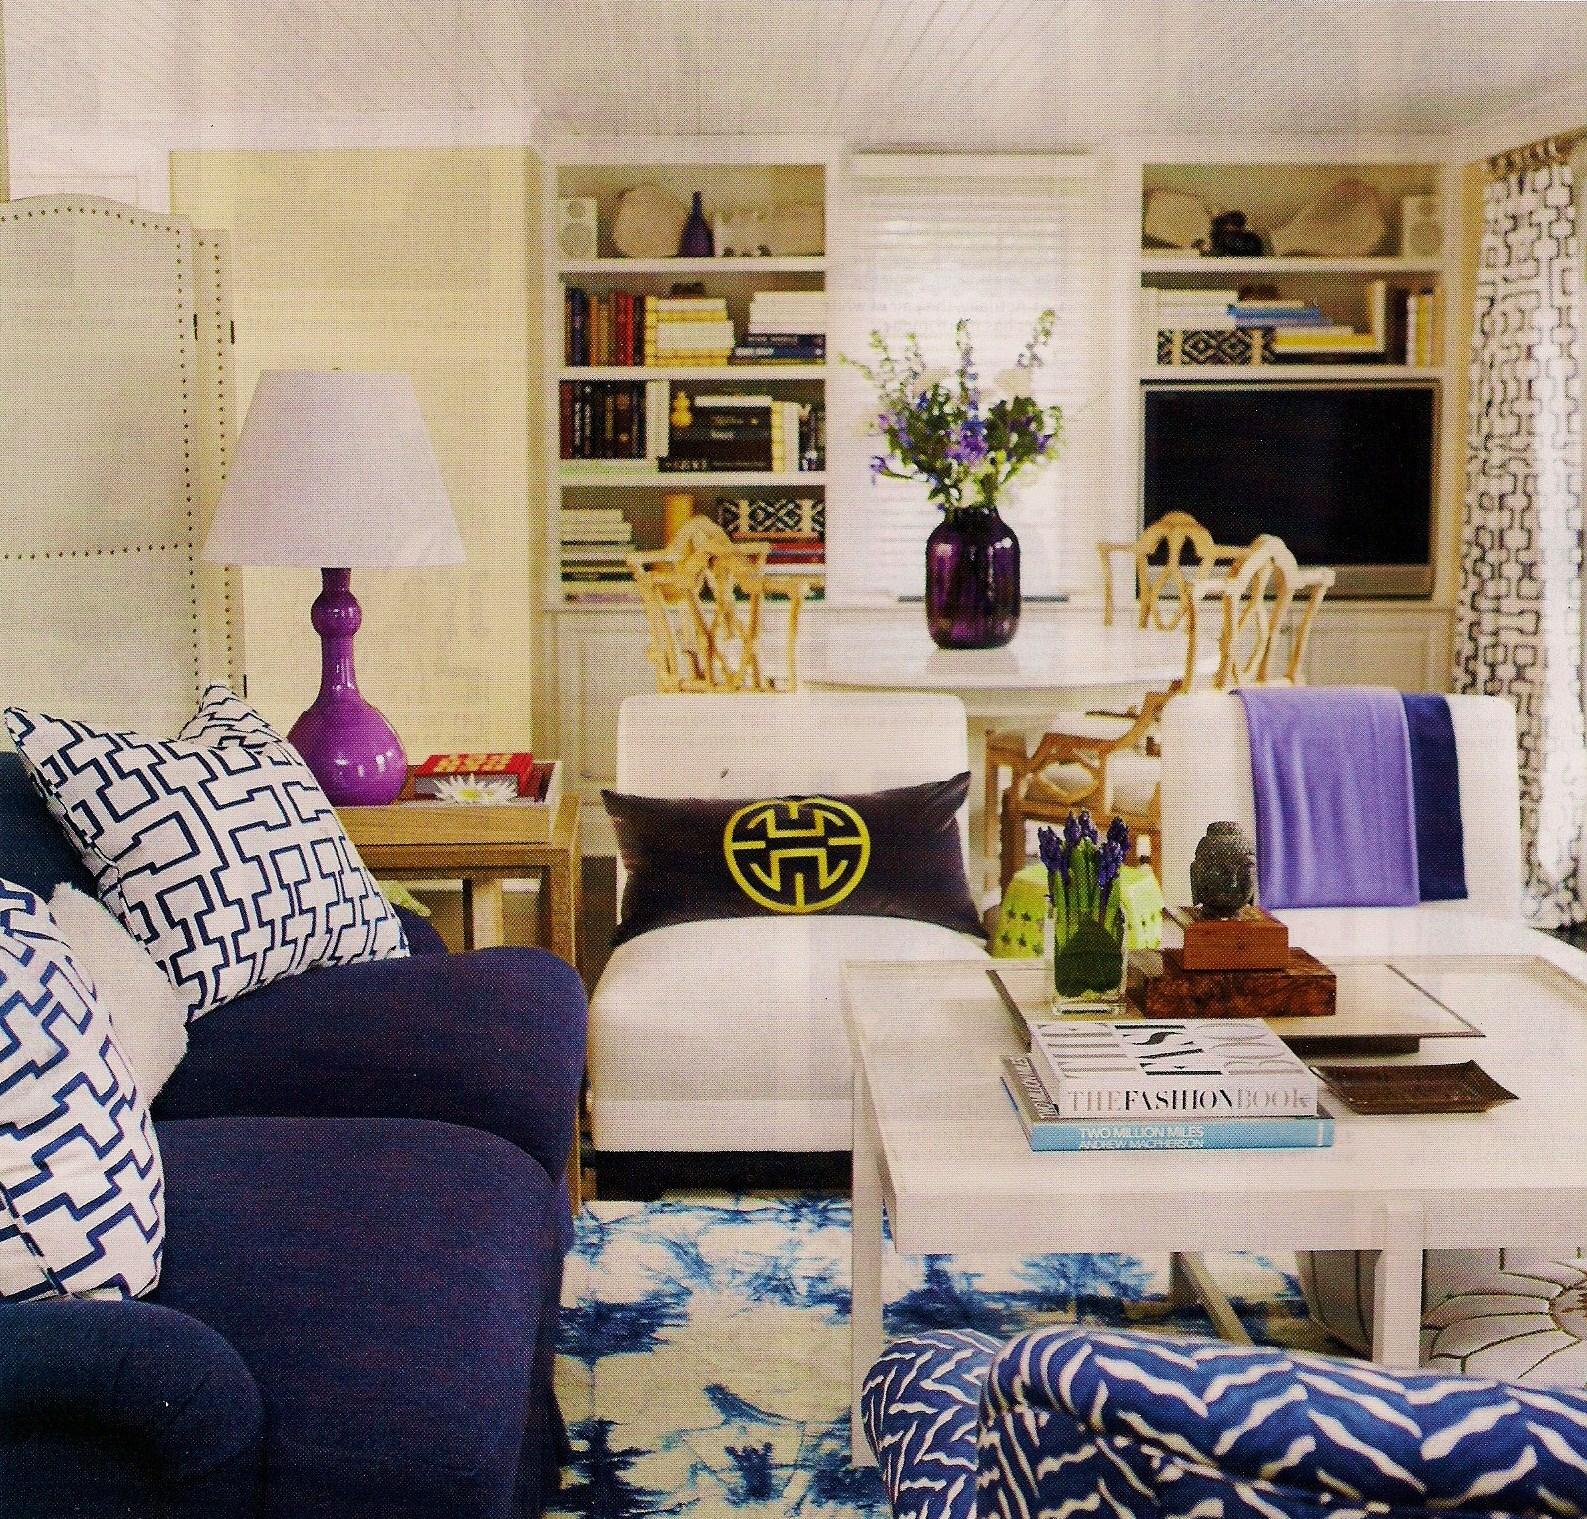 Living Room In 9 Hours. I'm Dying. « Covet Living